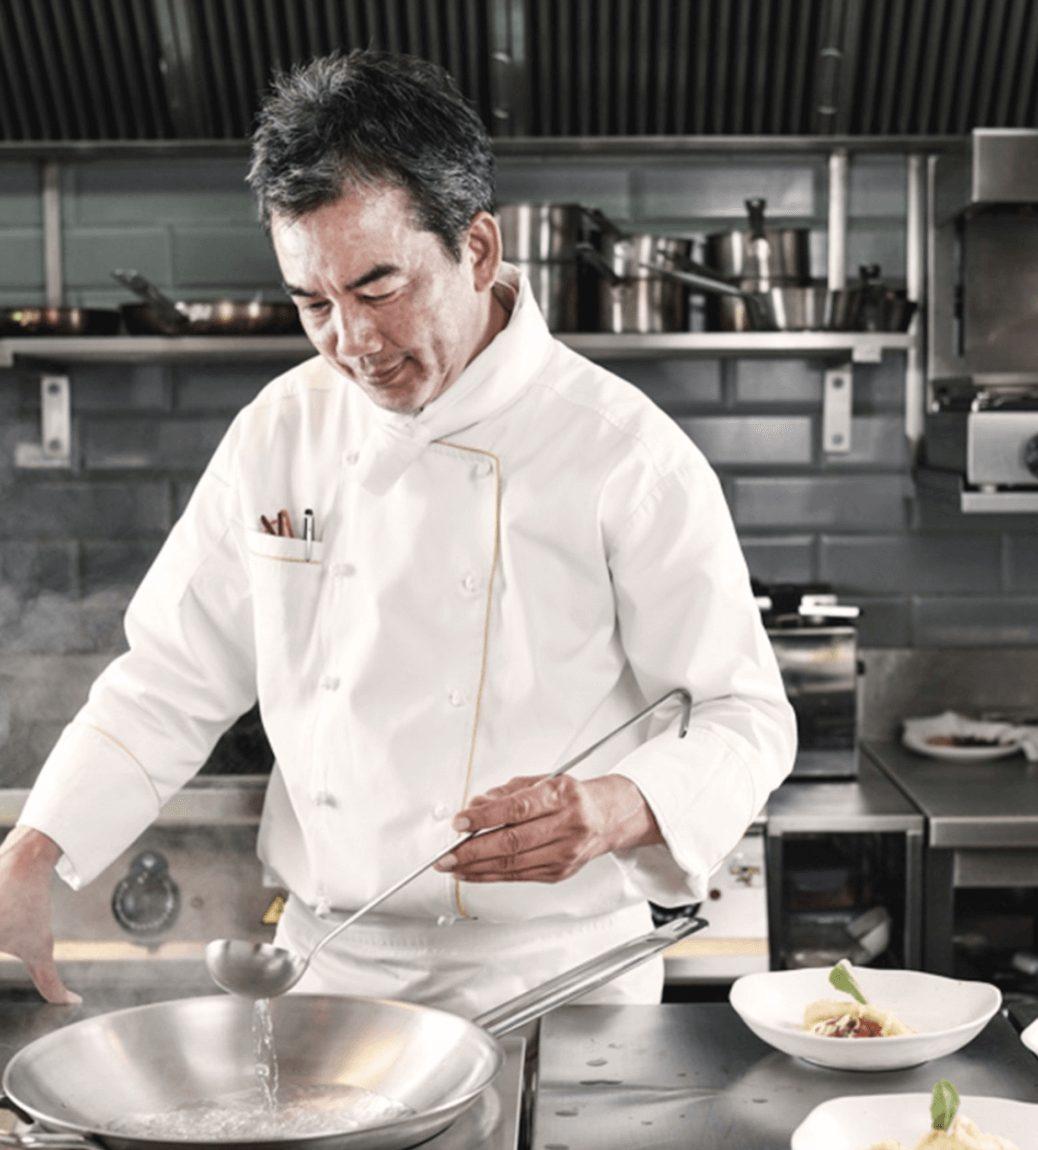 """สร้างช่วงเวลาสุดพิเศษไปกับ """"Sansiri Chef Your Table"""" ที่ให้คุณได้ลิ้มรสอาหารฝีมือเชฟระดับประเทศถึงบ้านคุณ! 44 - Chef"""